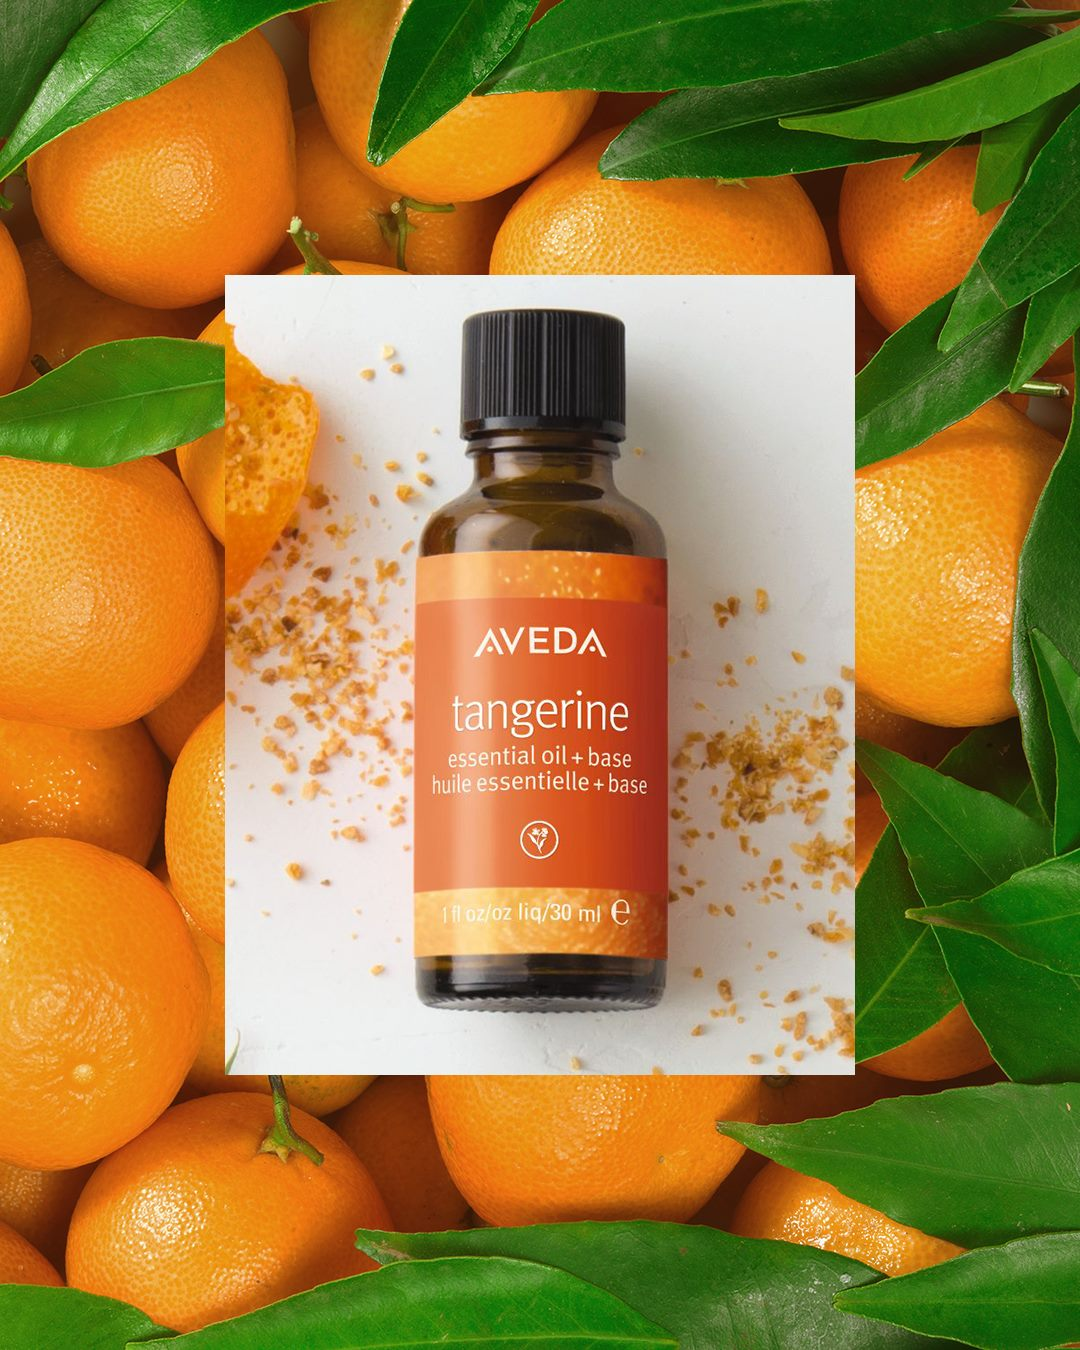 tangerine aveda essential oil.jpg